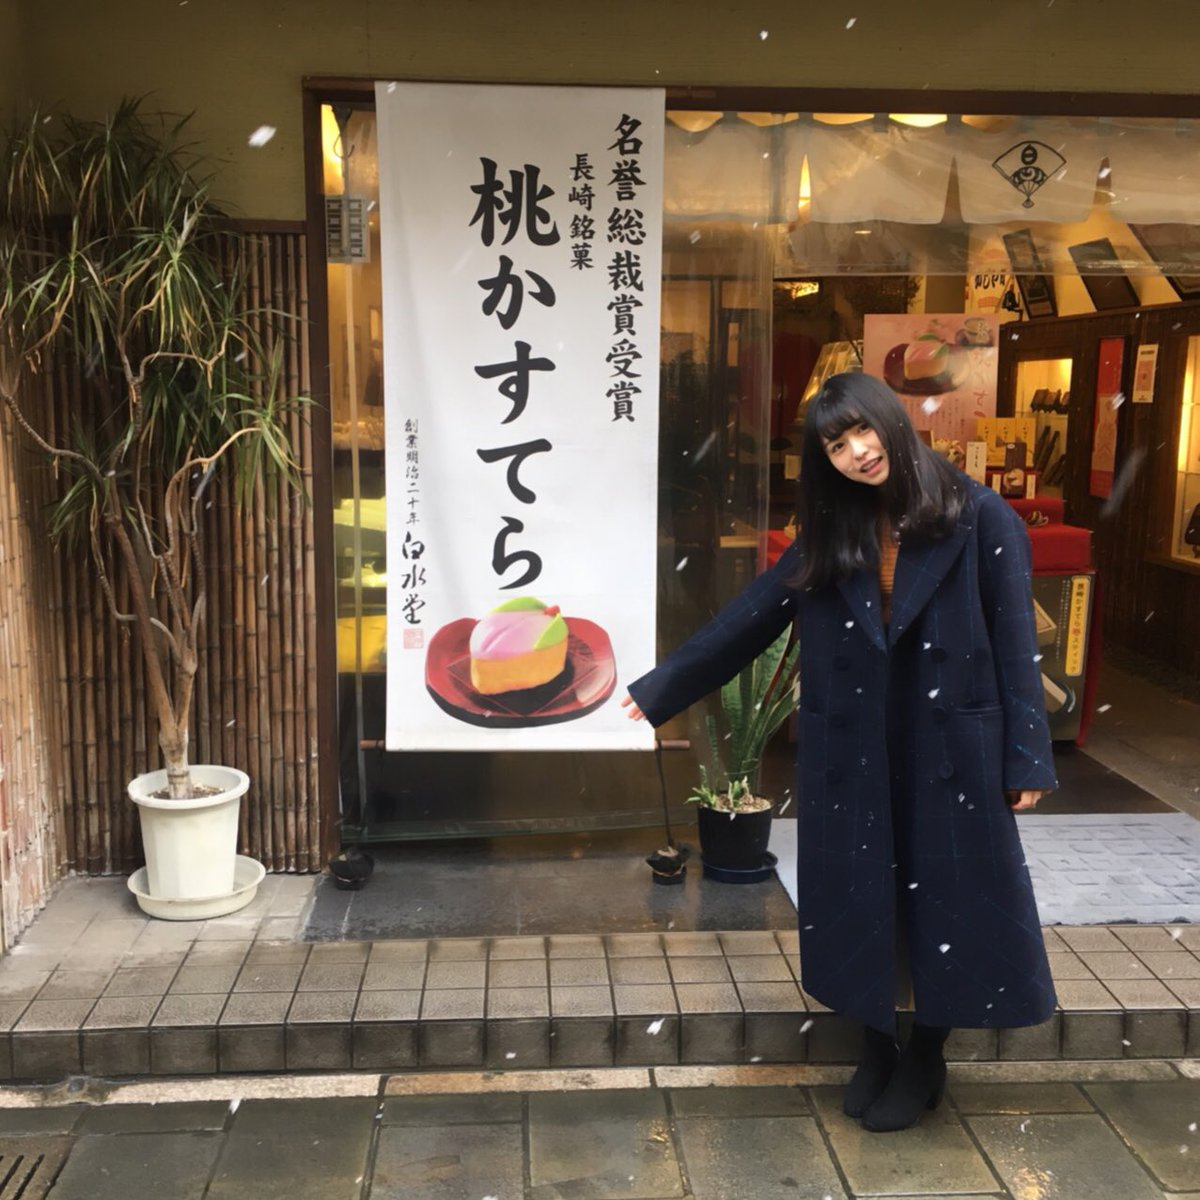 和菓子屋さんの前に立つ長濱ねるの私服の画像